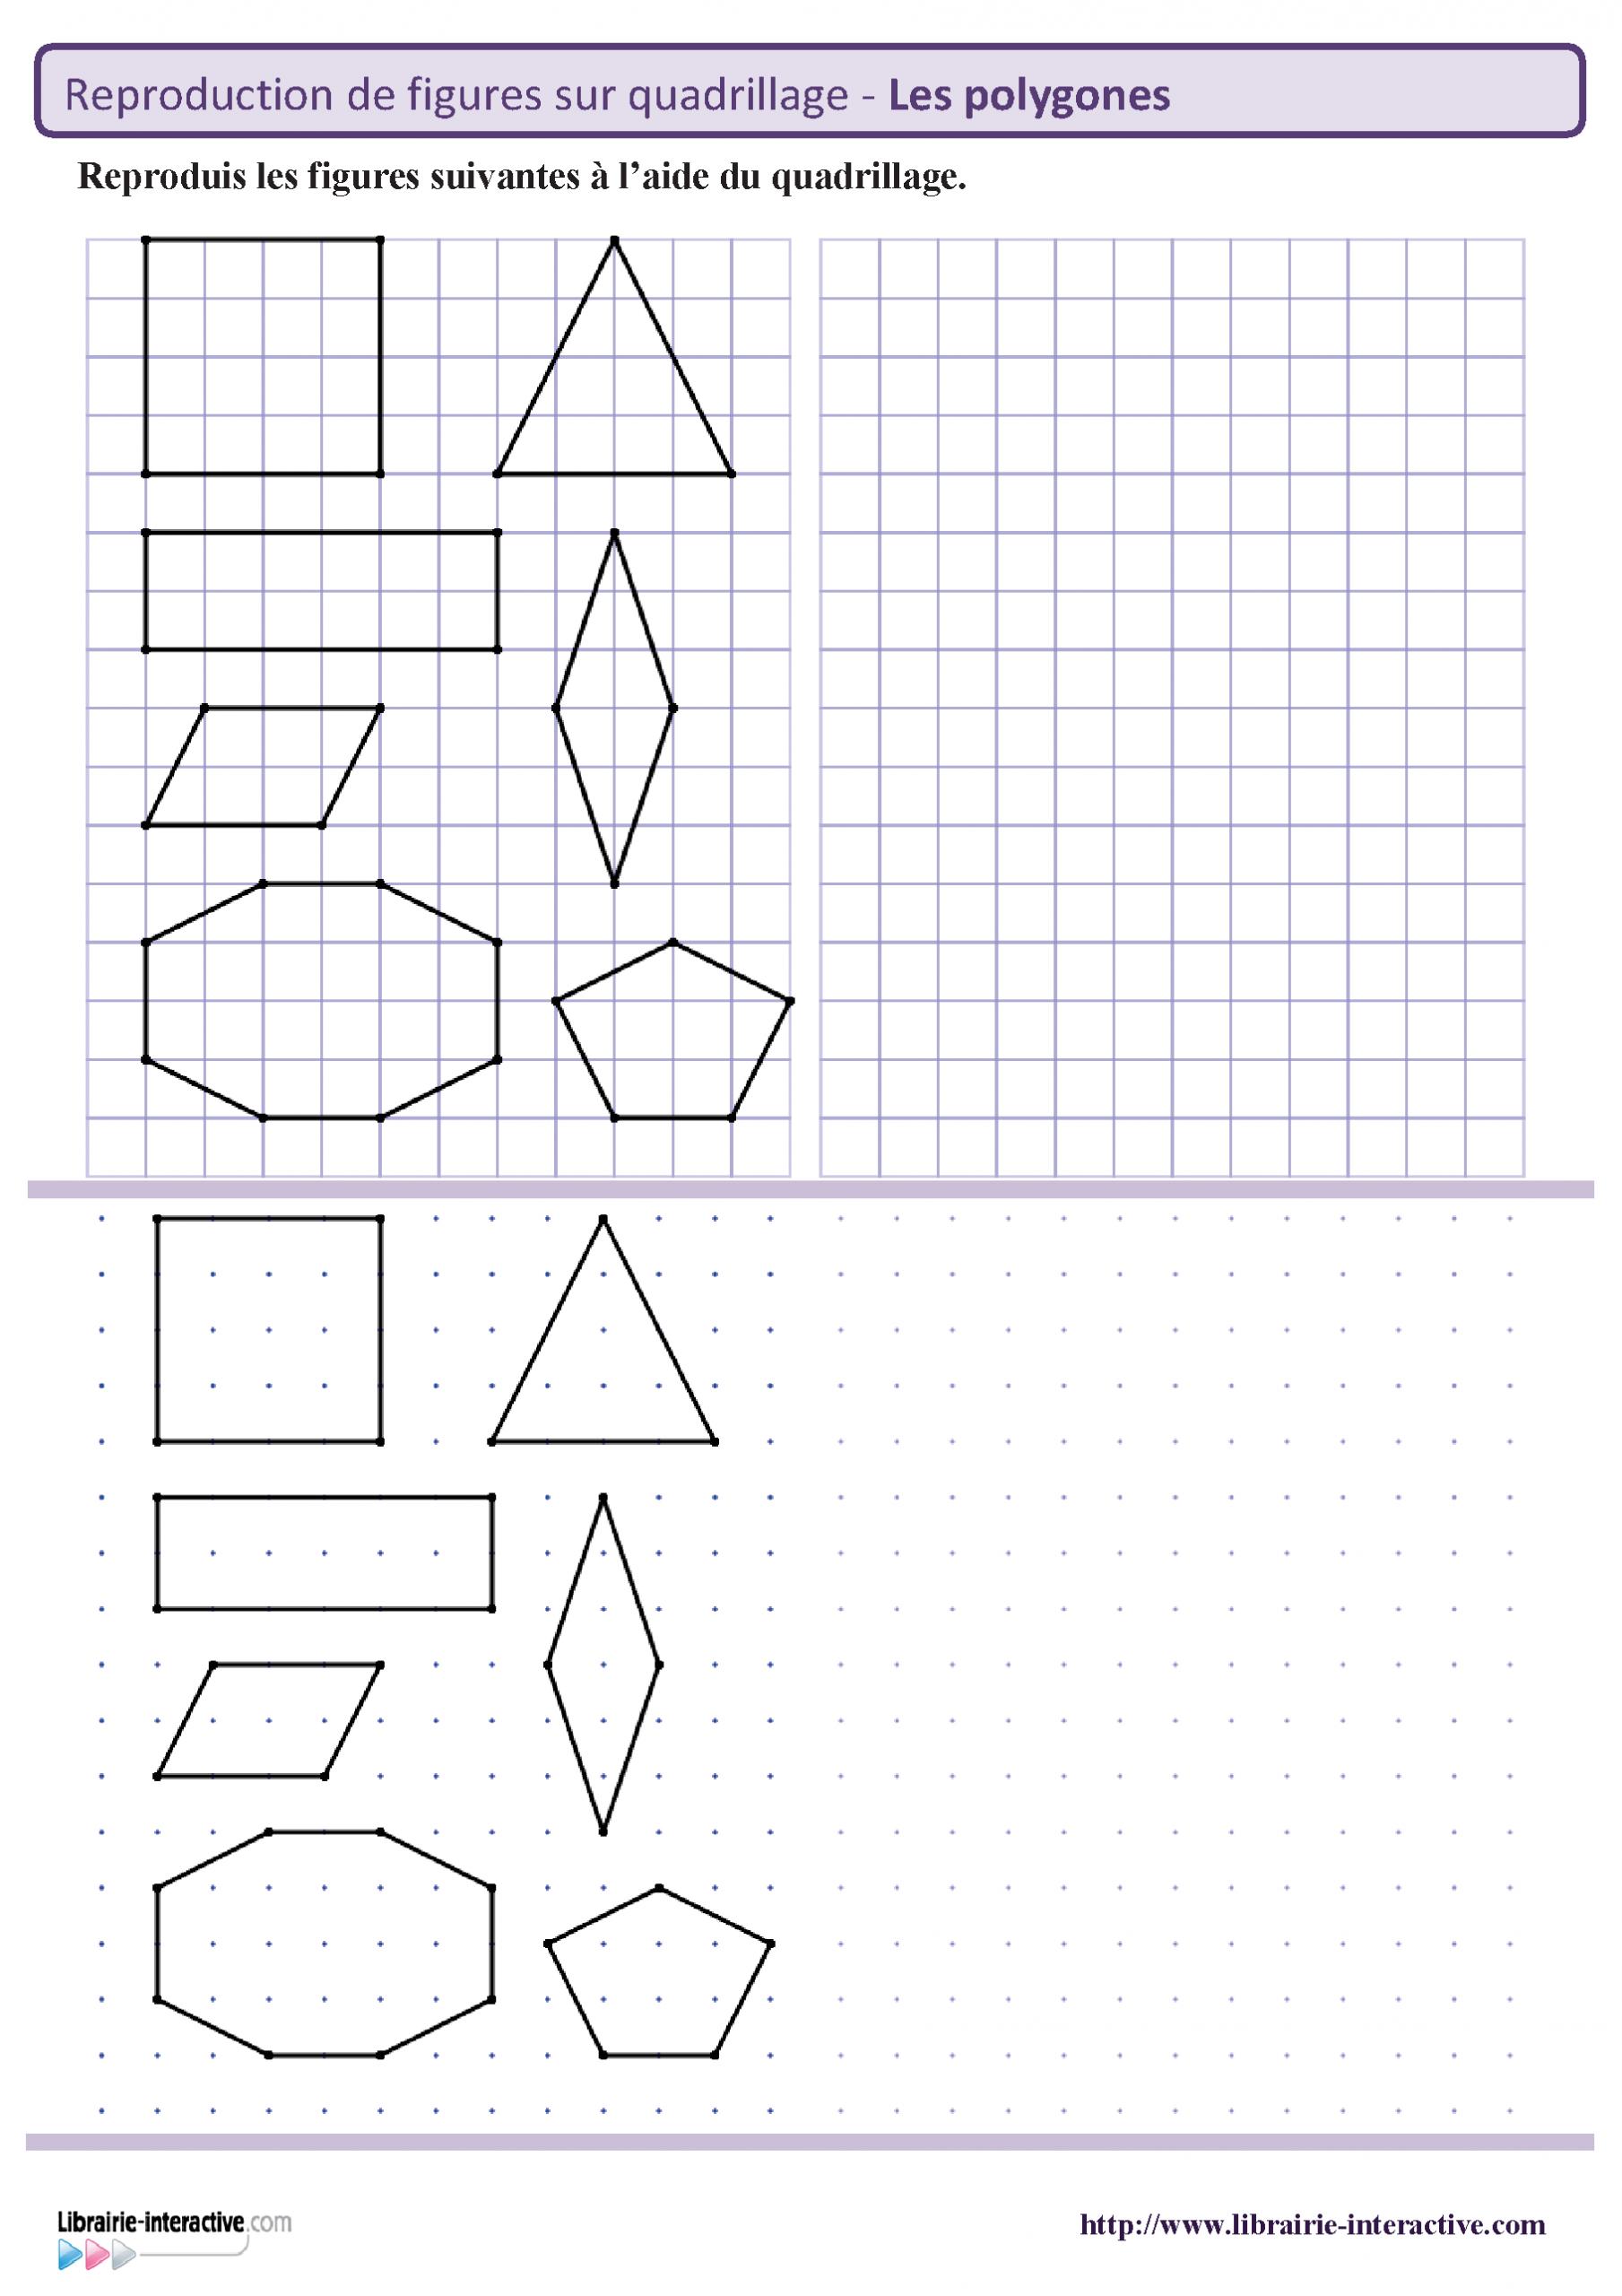 Reproduction Des Principaux Polygones Sur Quadrillage Et avec Exercice Reproduction Sur Quadrillage Ce1